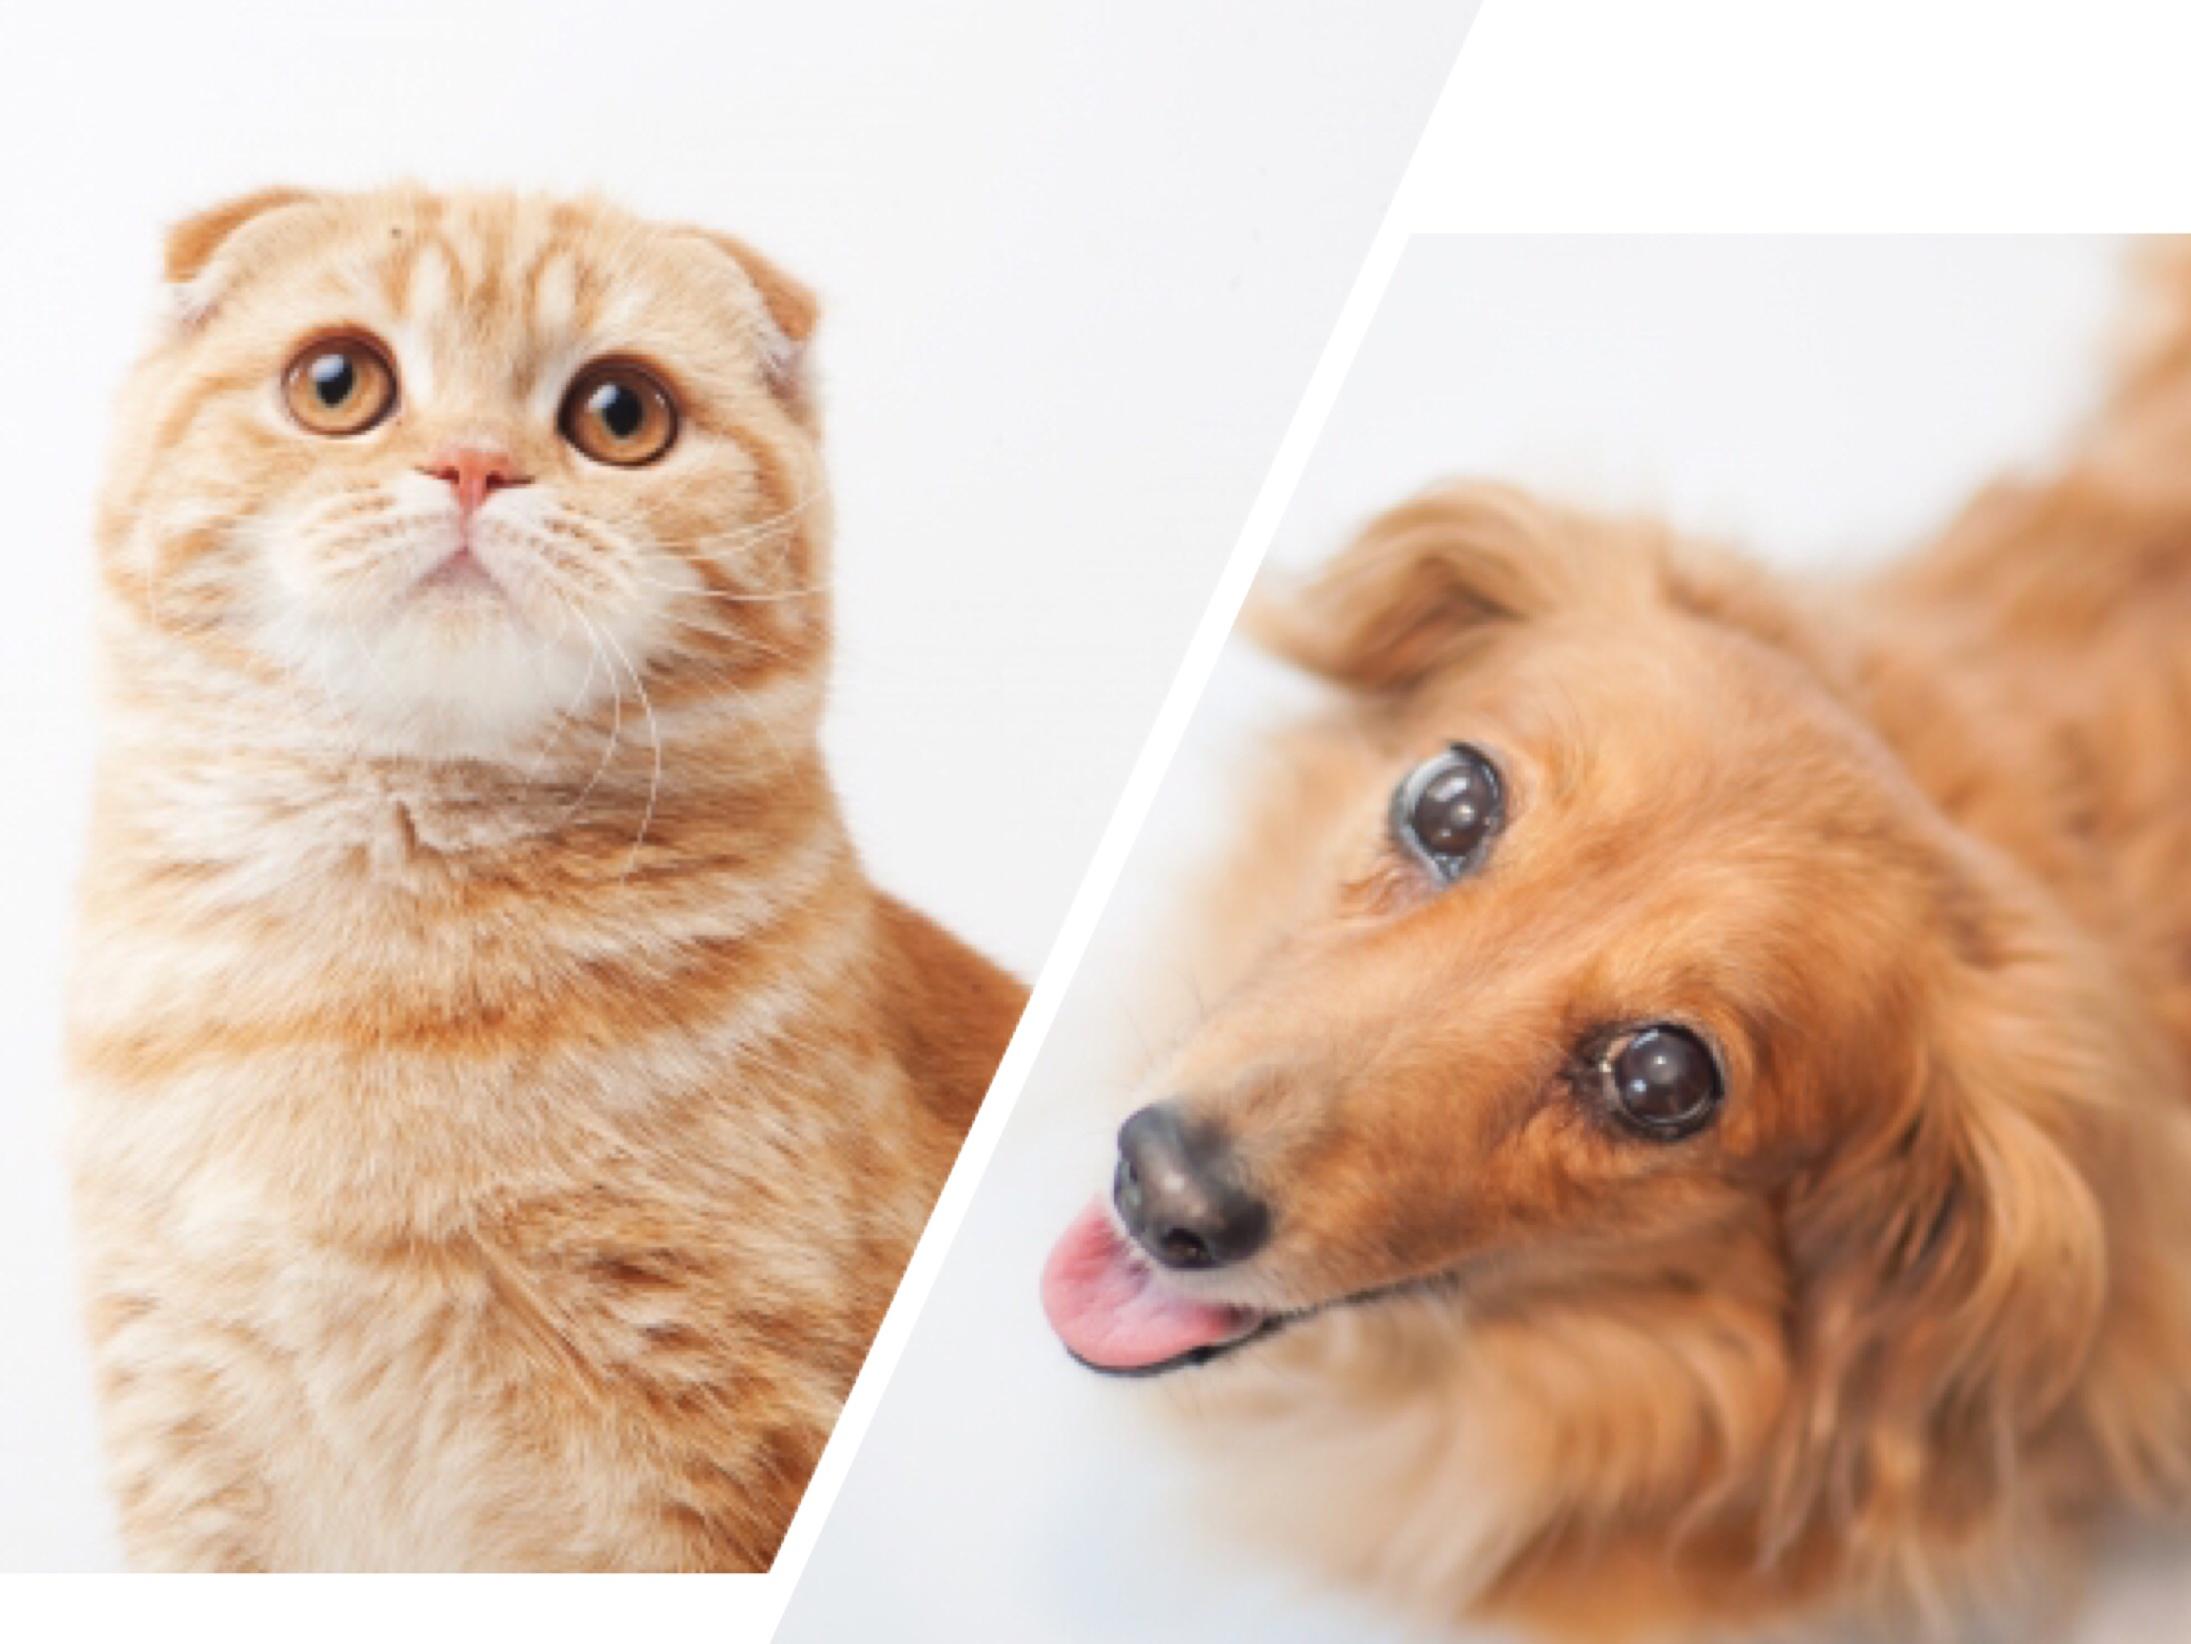 2018/03/02 「人と犬と猫のごはんの違い」in 阪急ハロードッグフェスタ